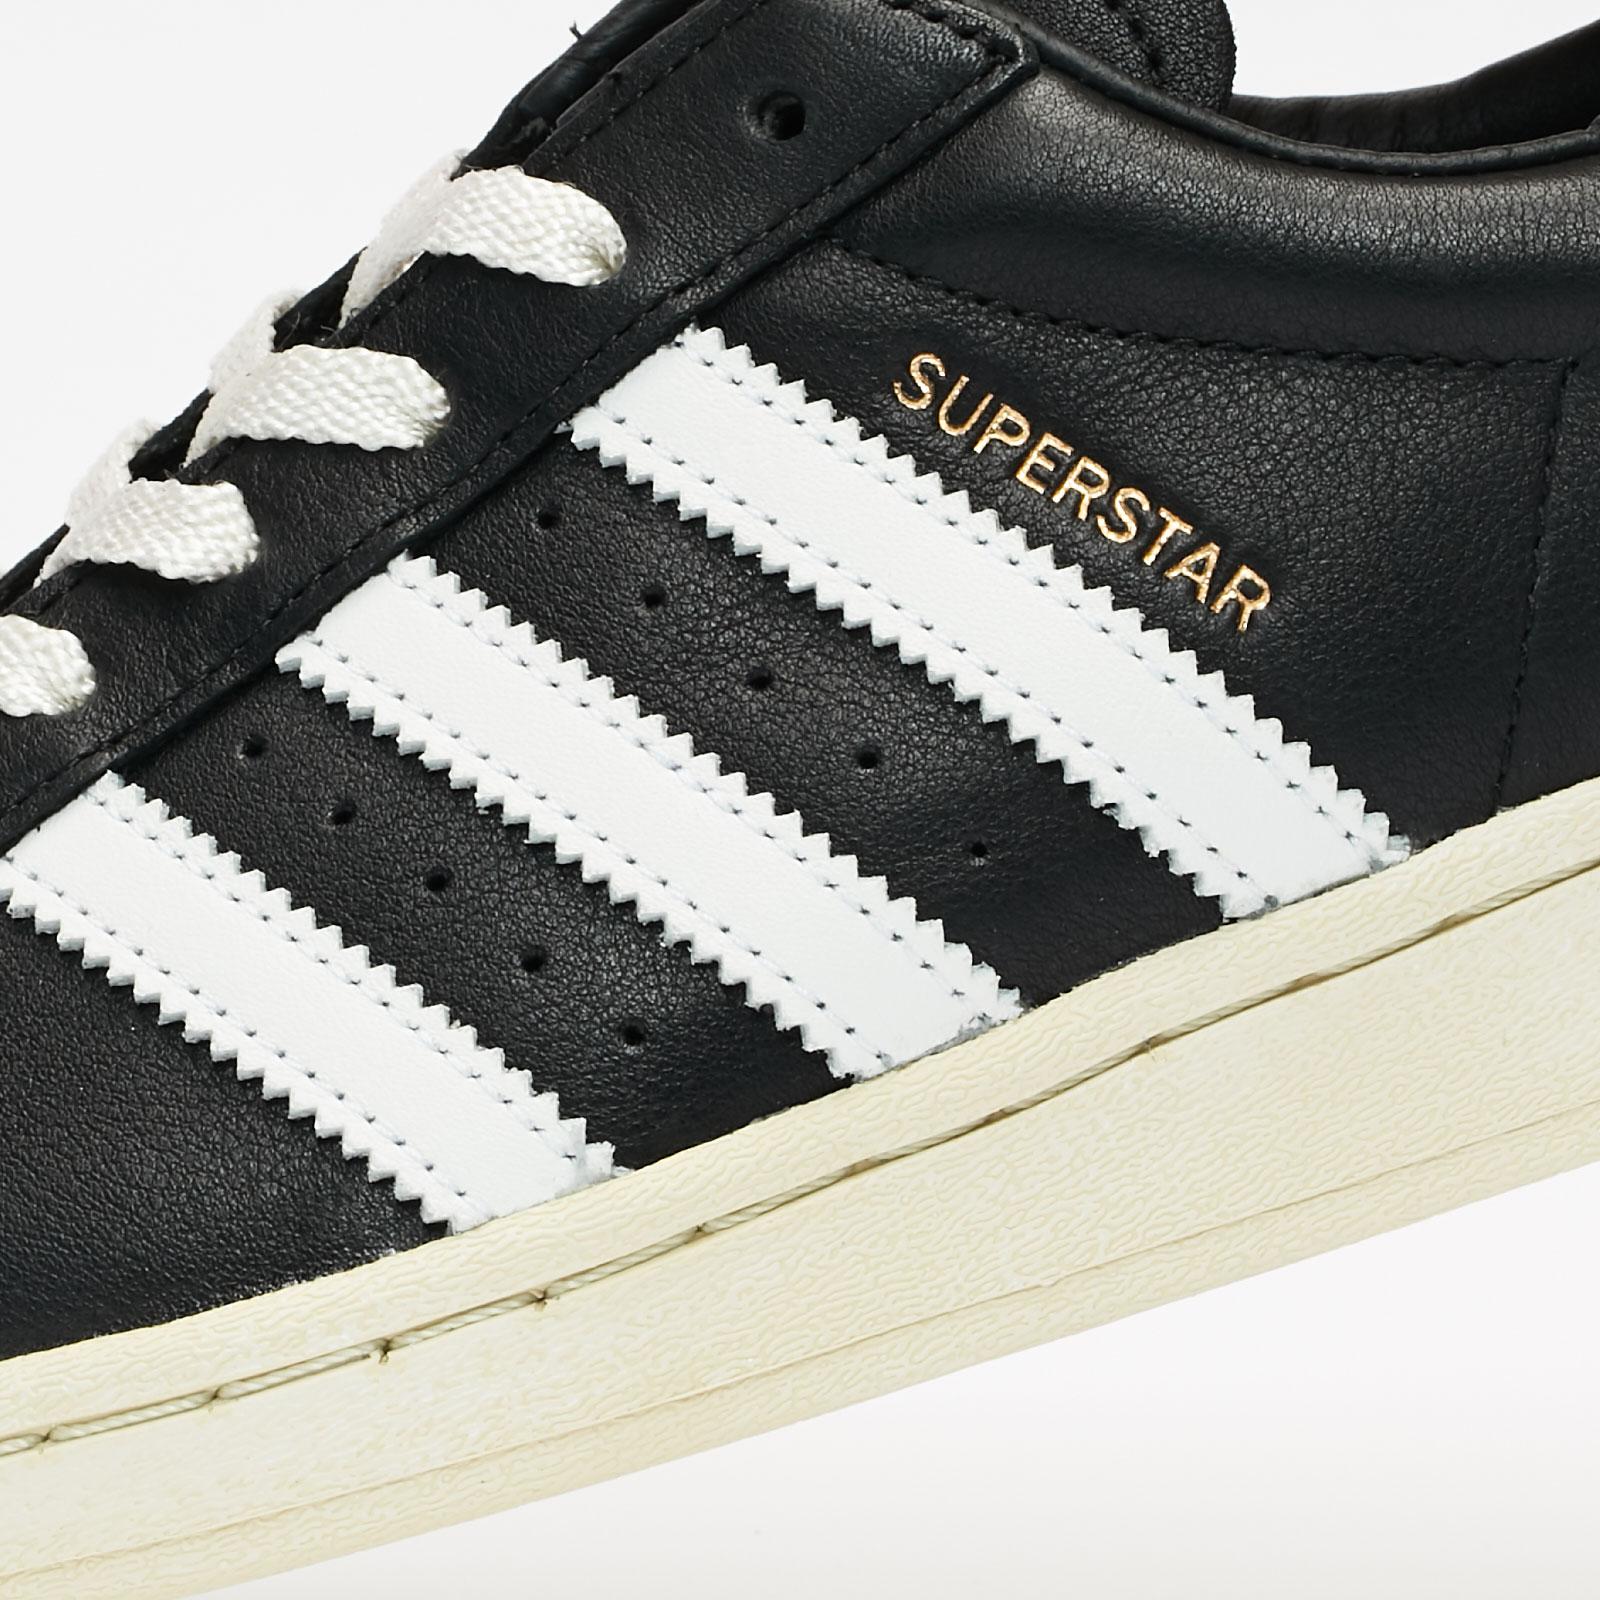 adidas Superstar - Fv2832